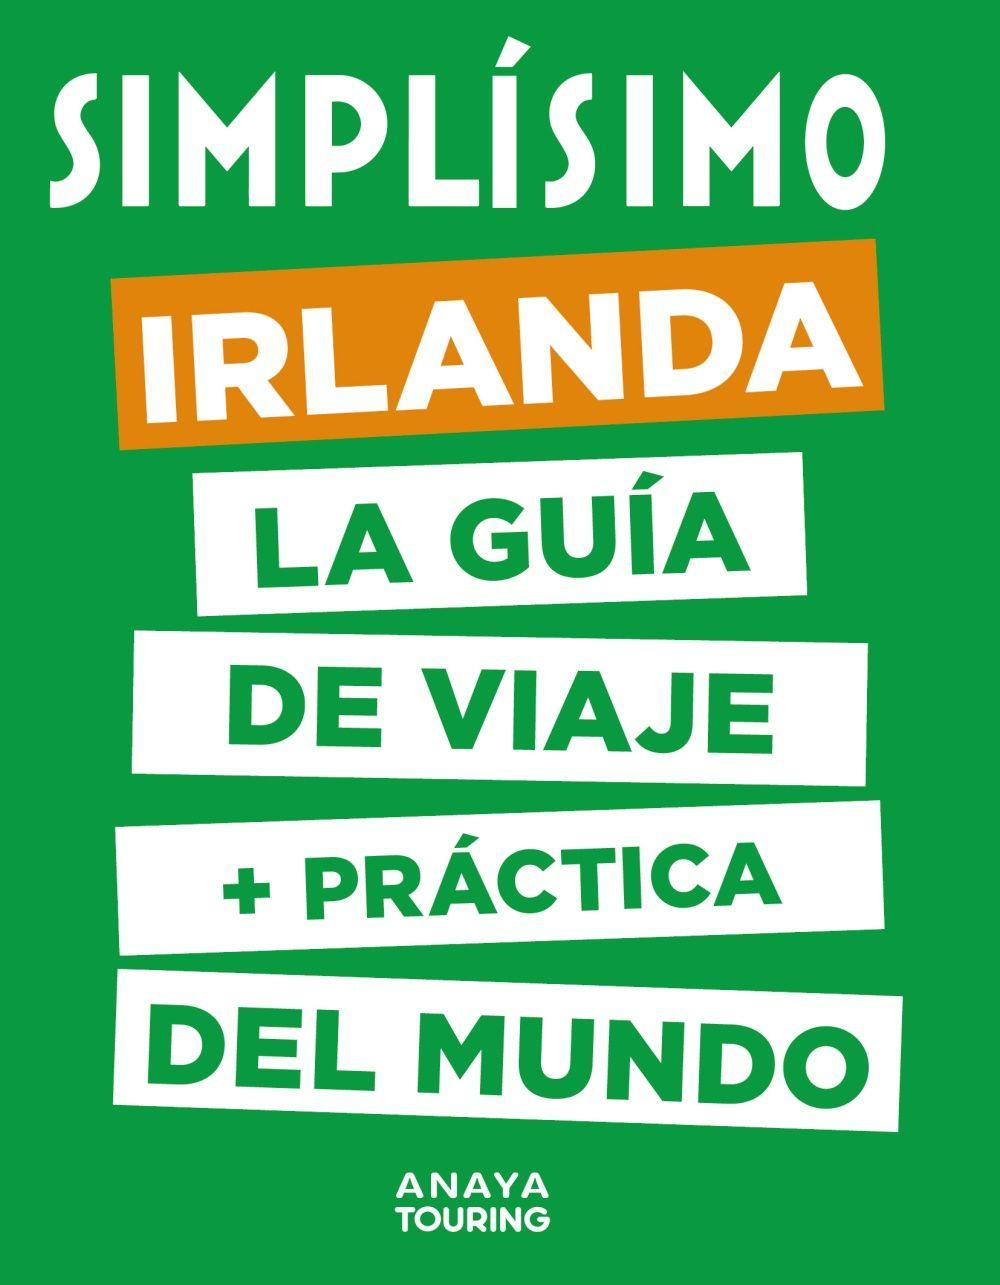 IRLANDA SIMPLISIMO